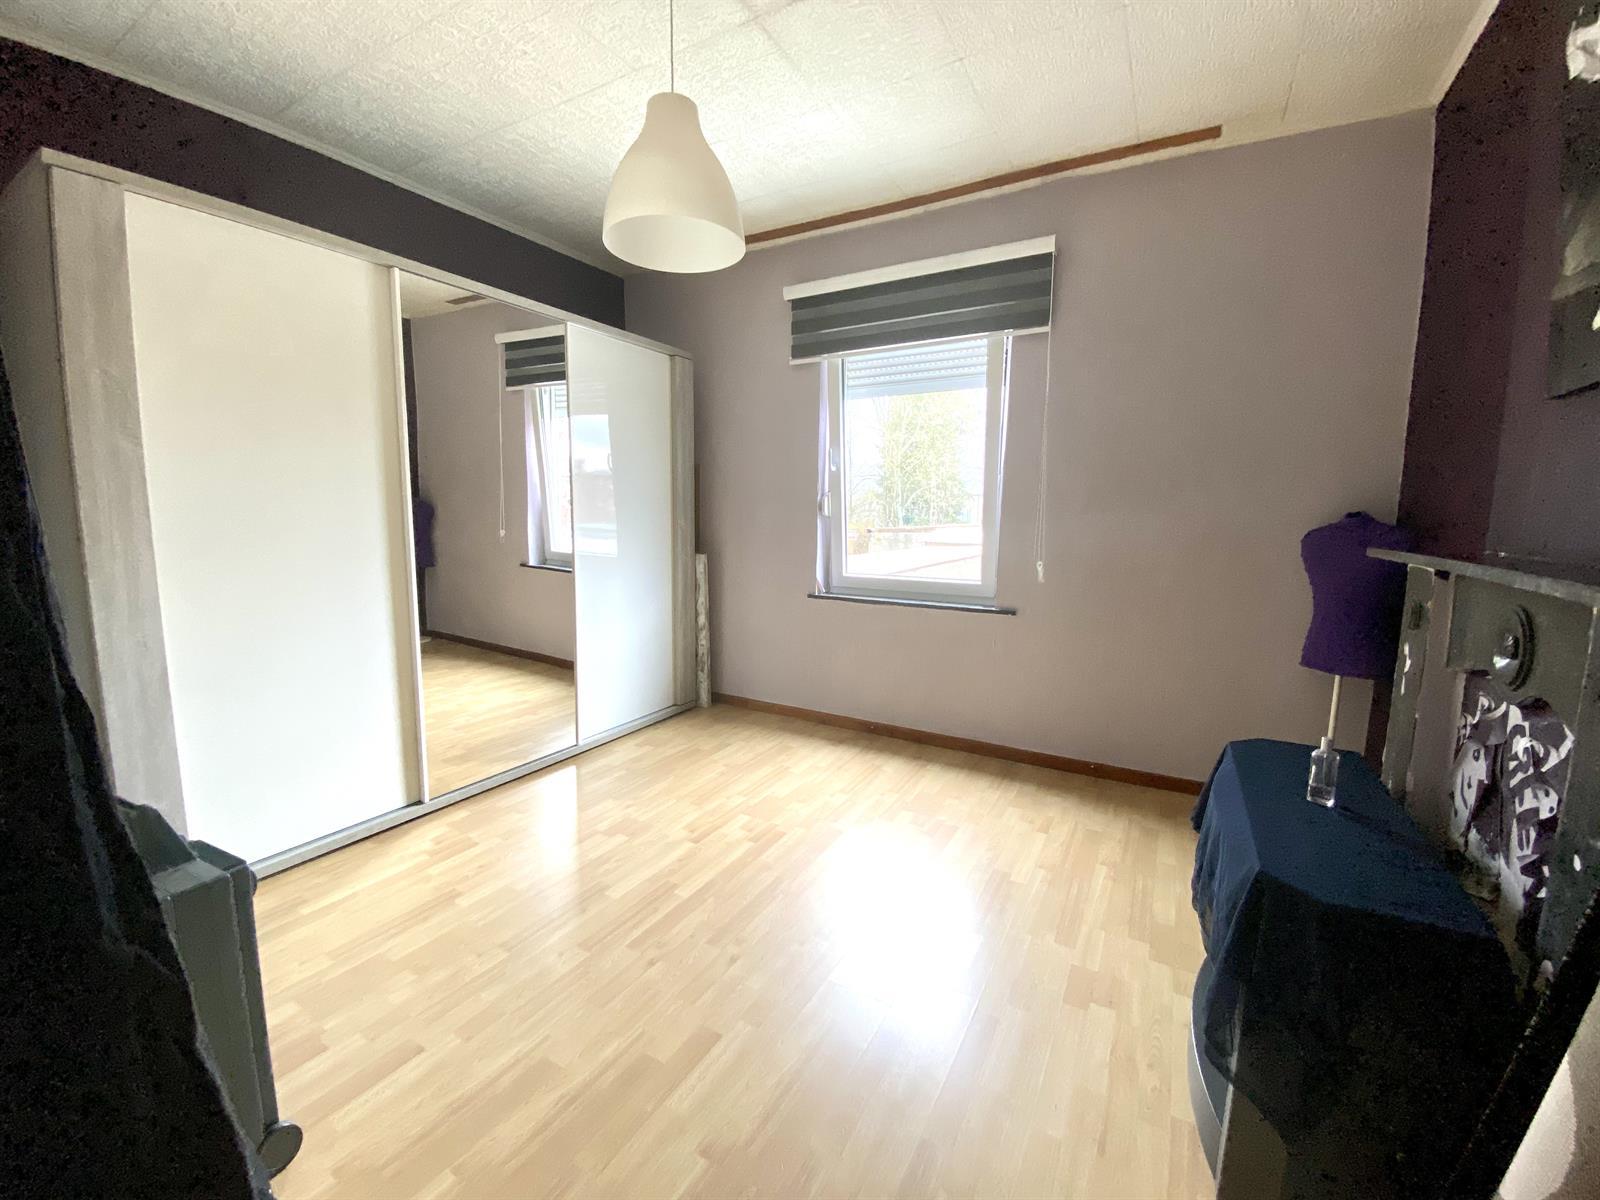 House - Jemeppe-sur-Meuse - #4312091-5